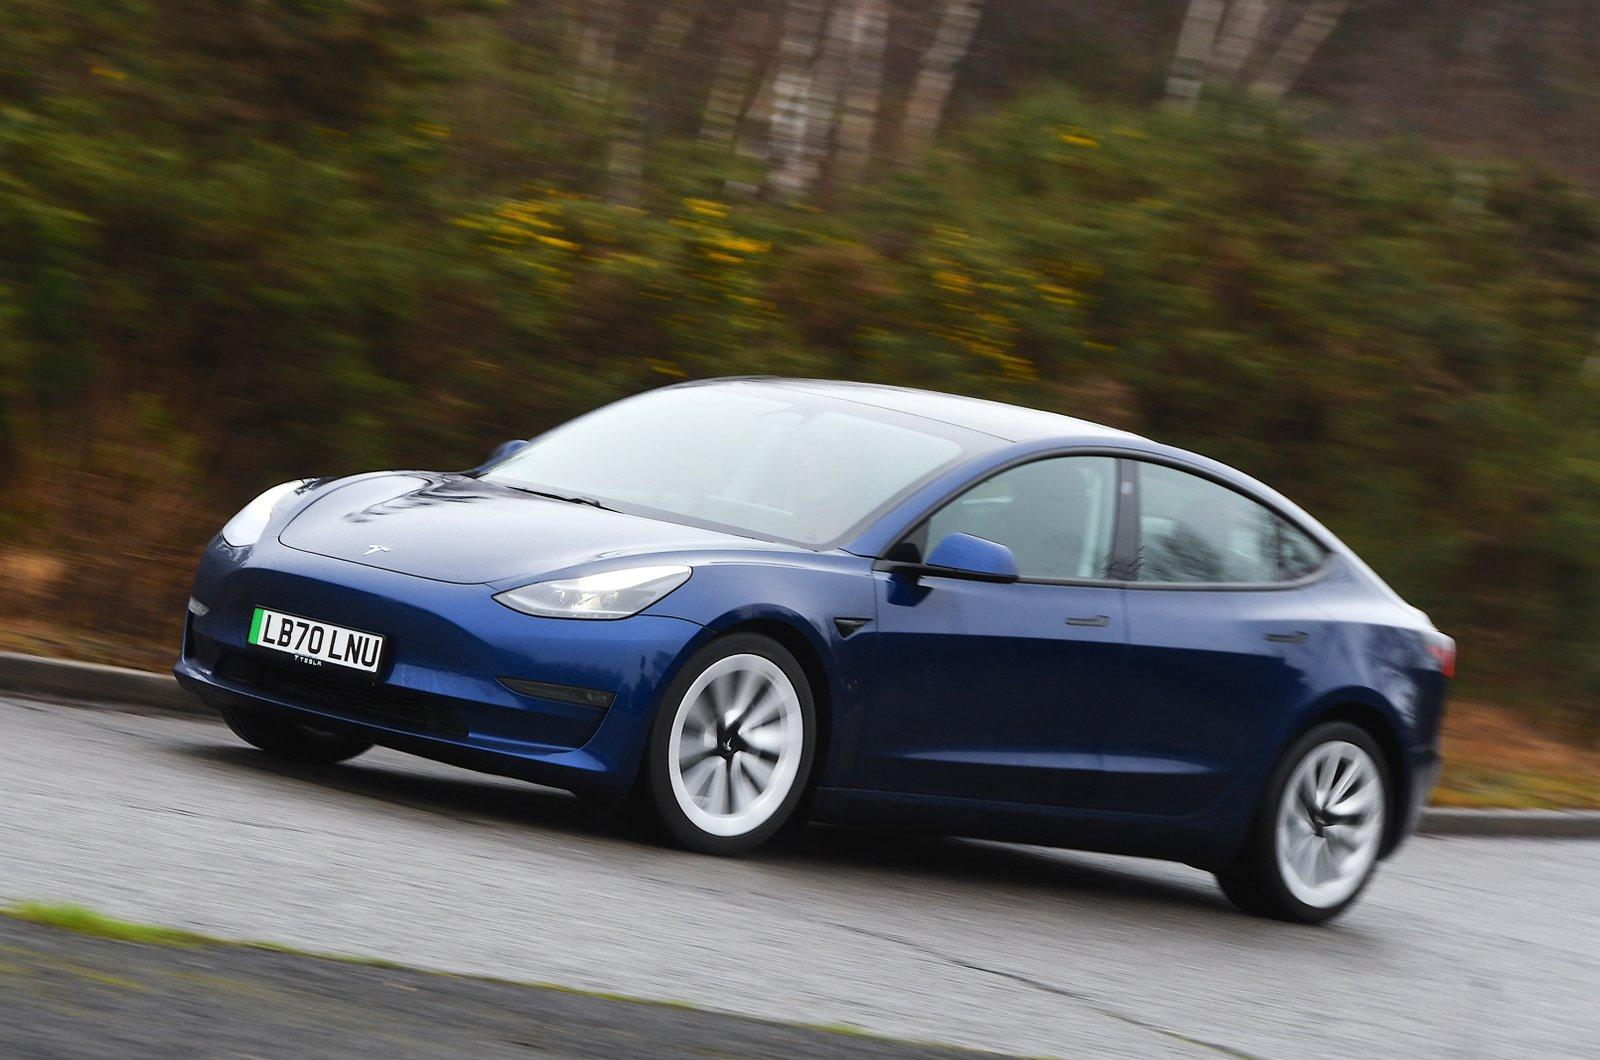 Prêmio Carro Elétrico do Ano de 2021 - Tesla Model 3